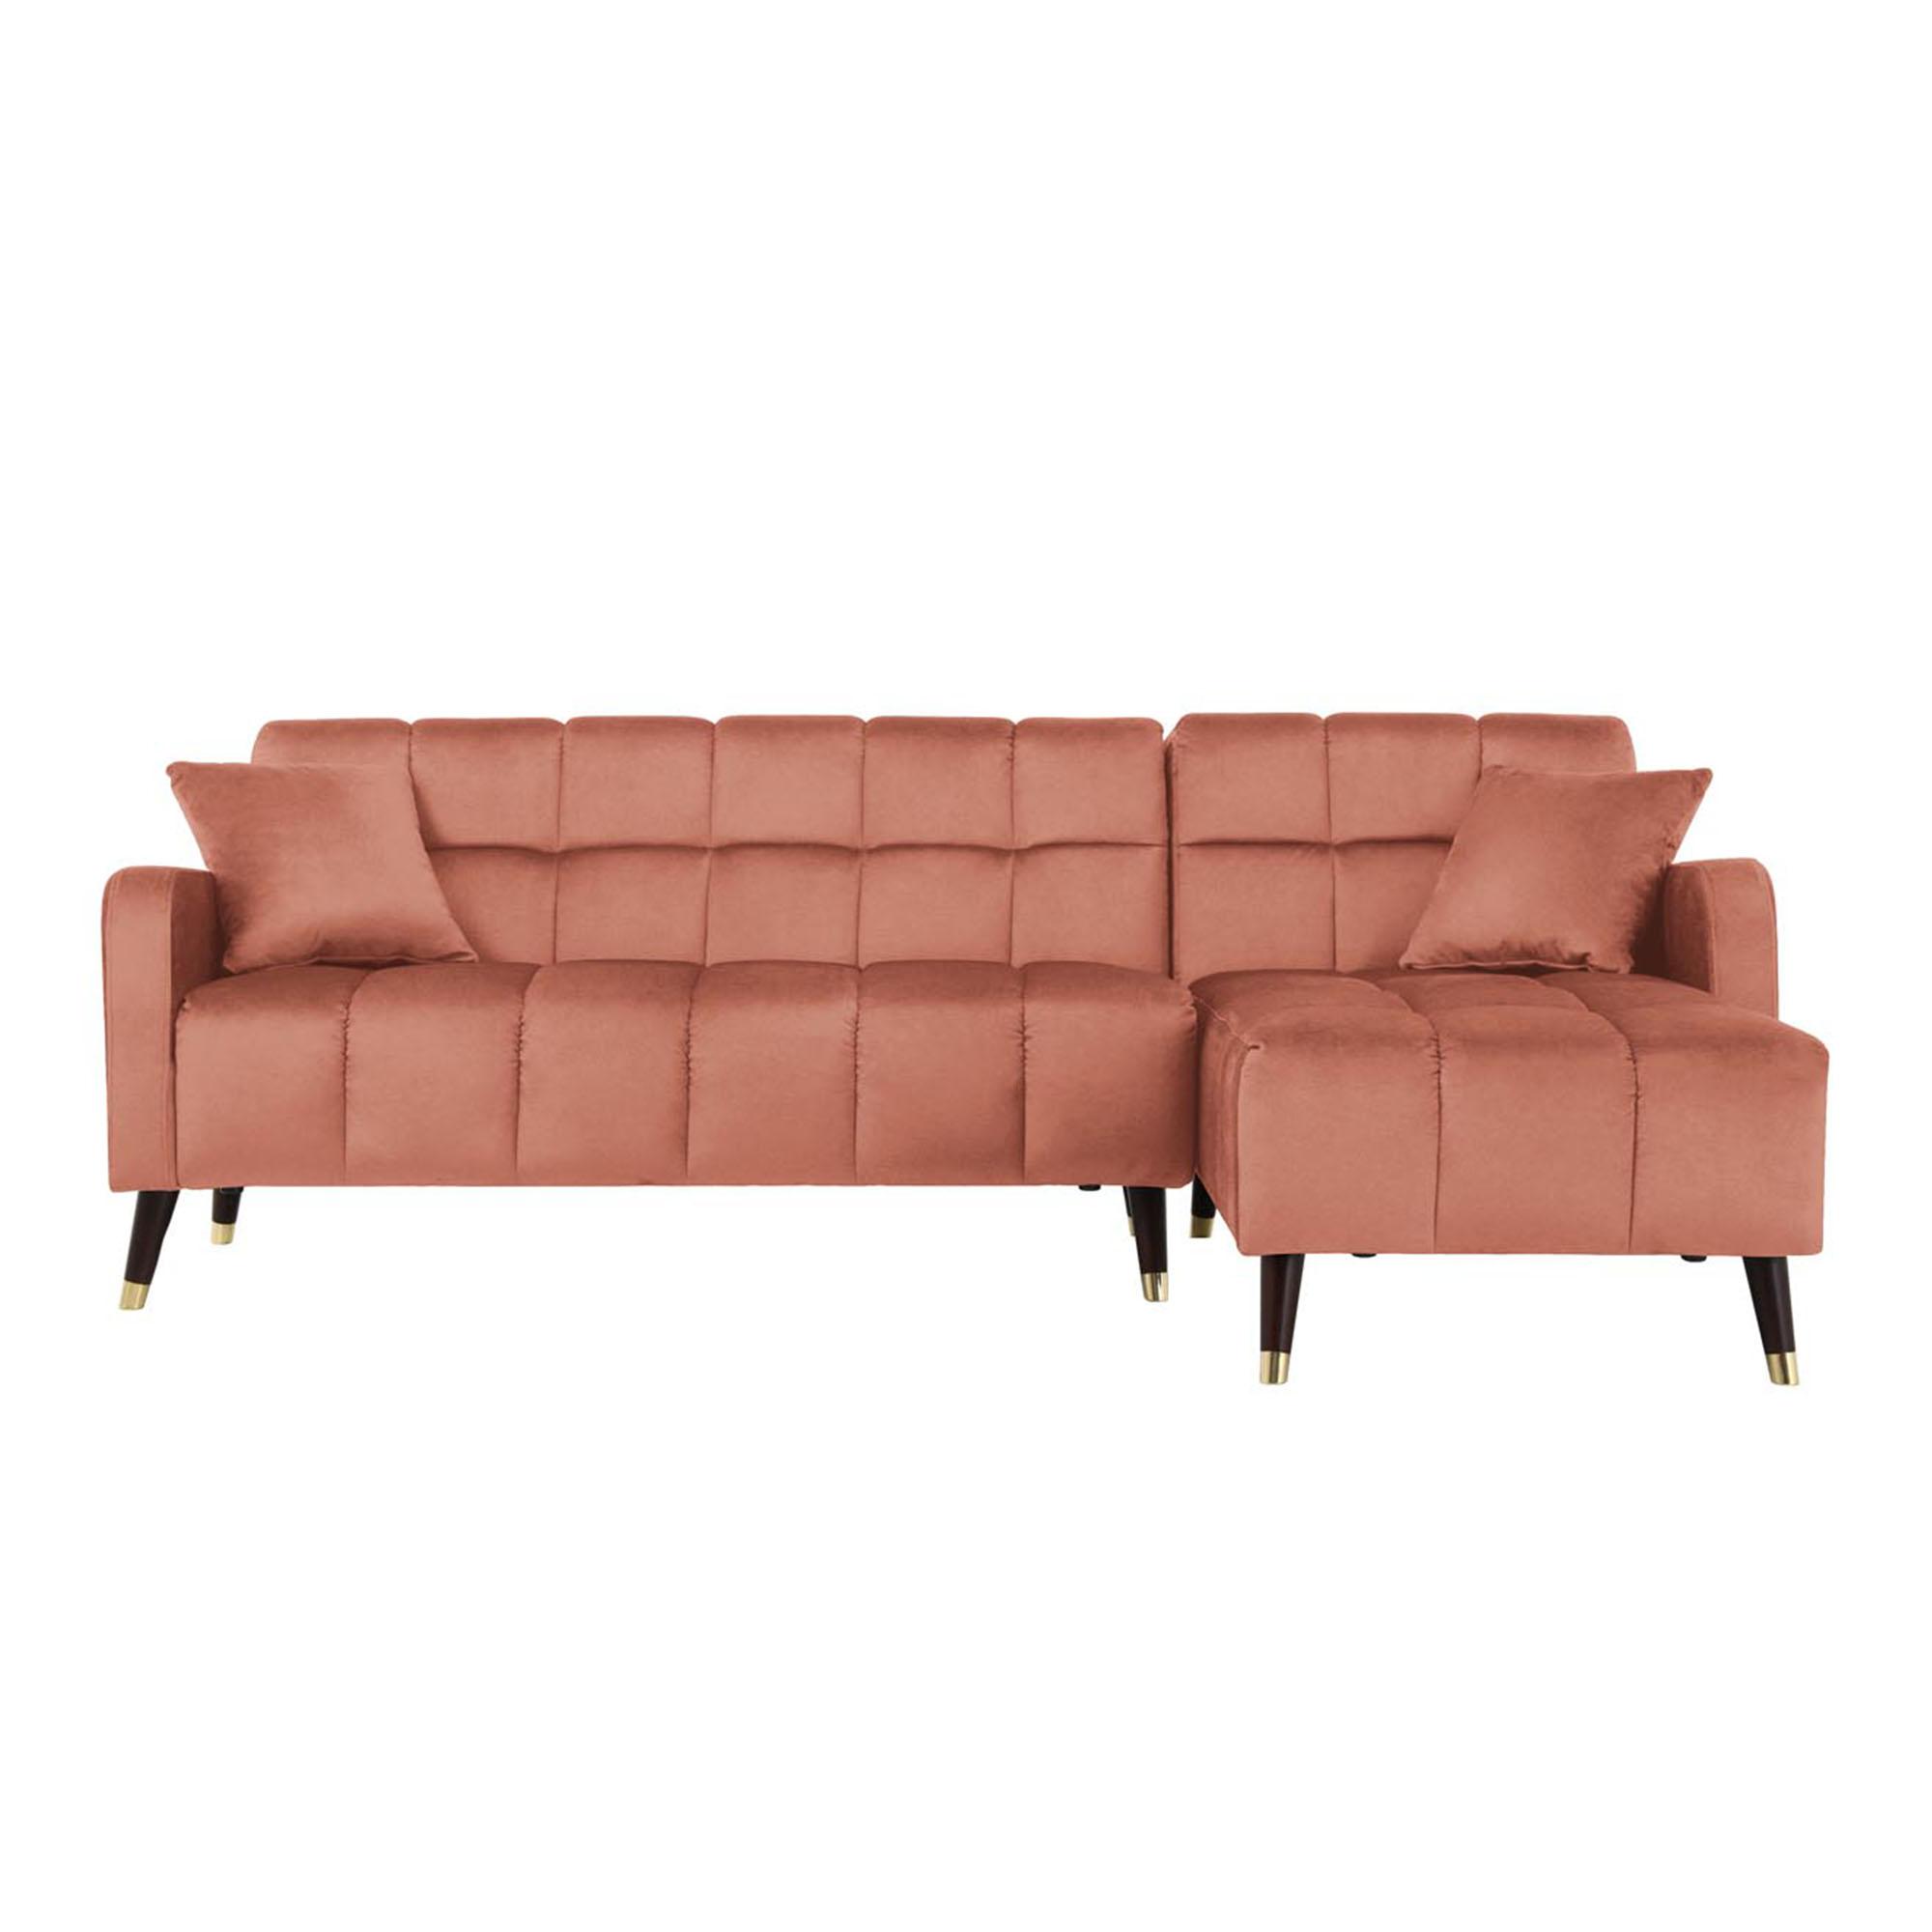 Canapé d'angle velours rose corail imperméable 4 places